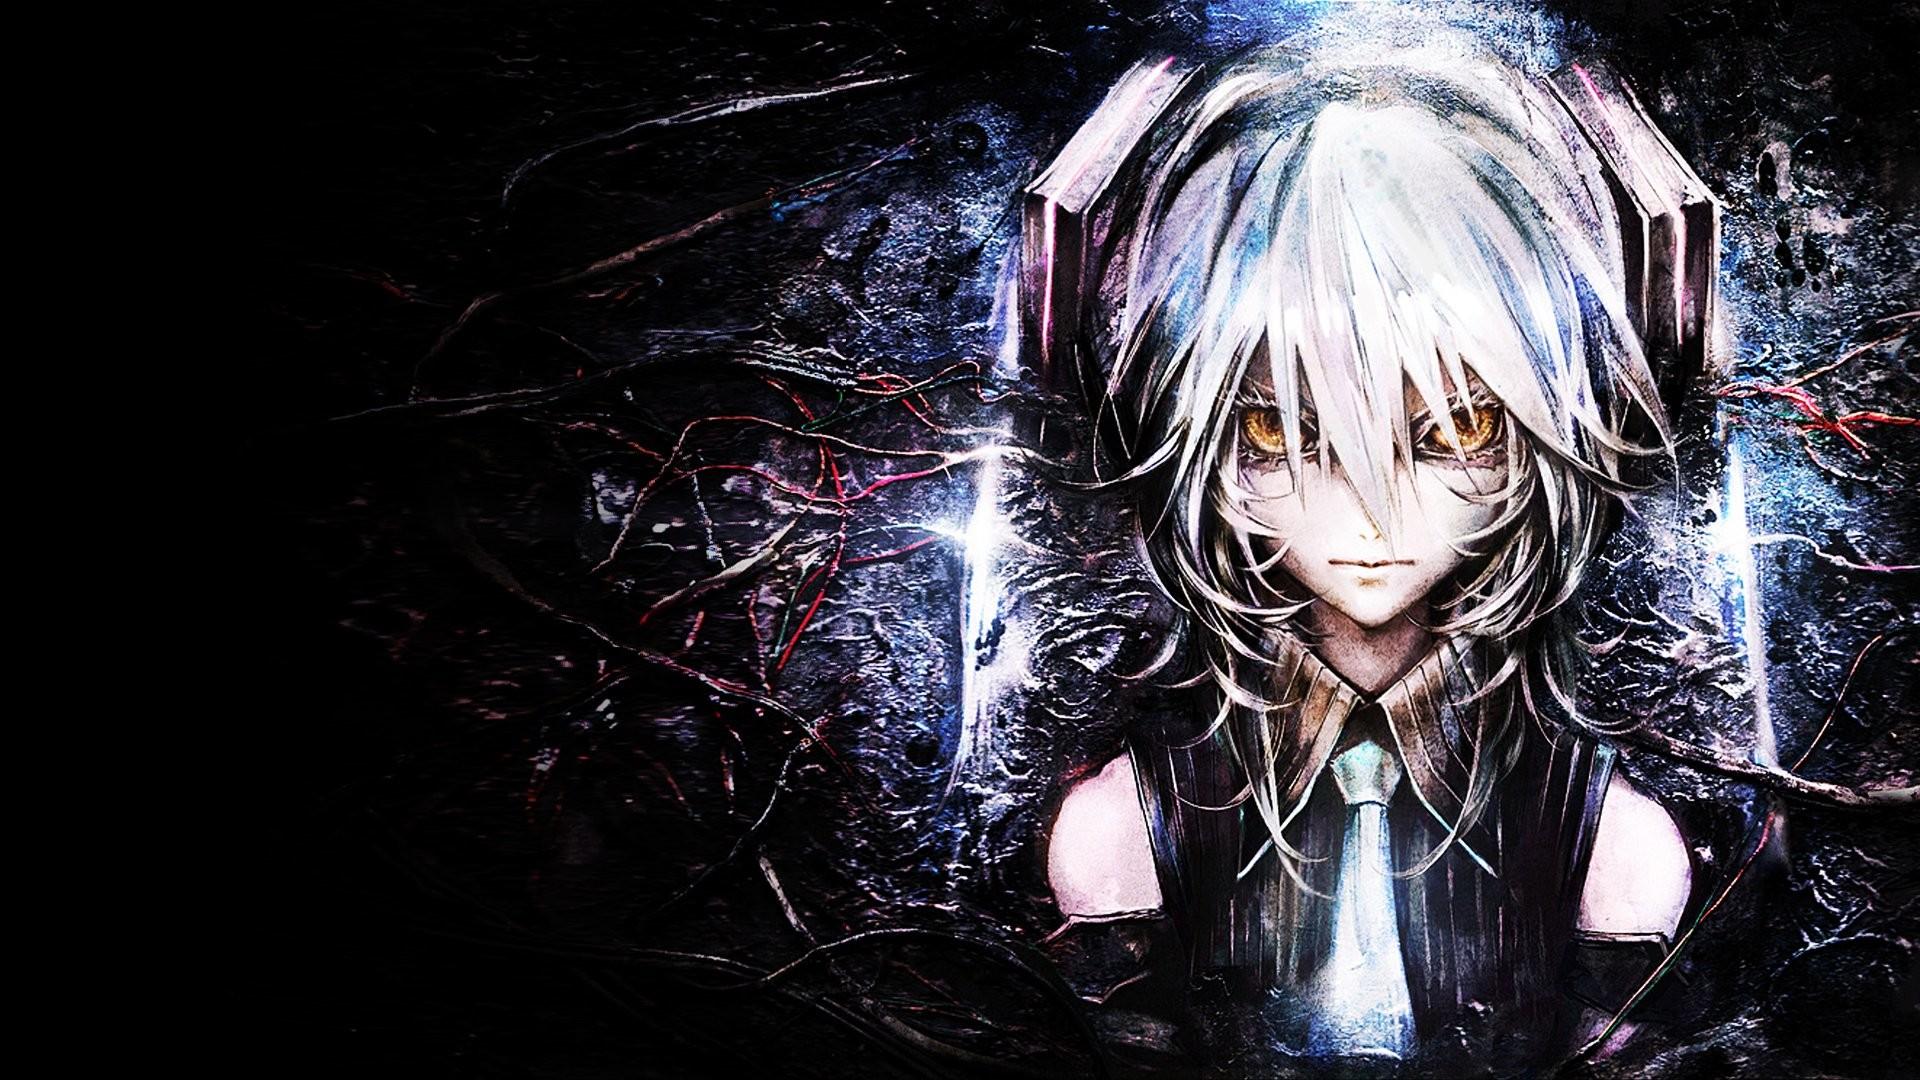 Anime Wallpaper For Youtube Channel Art